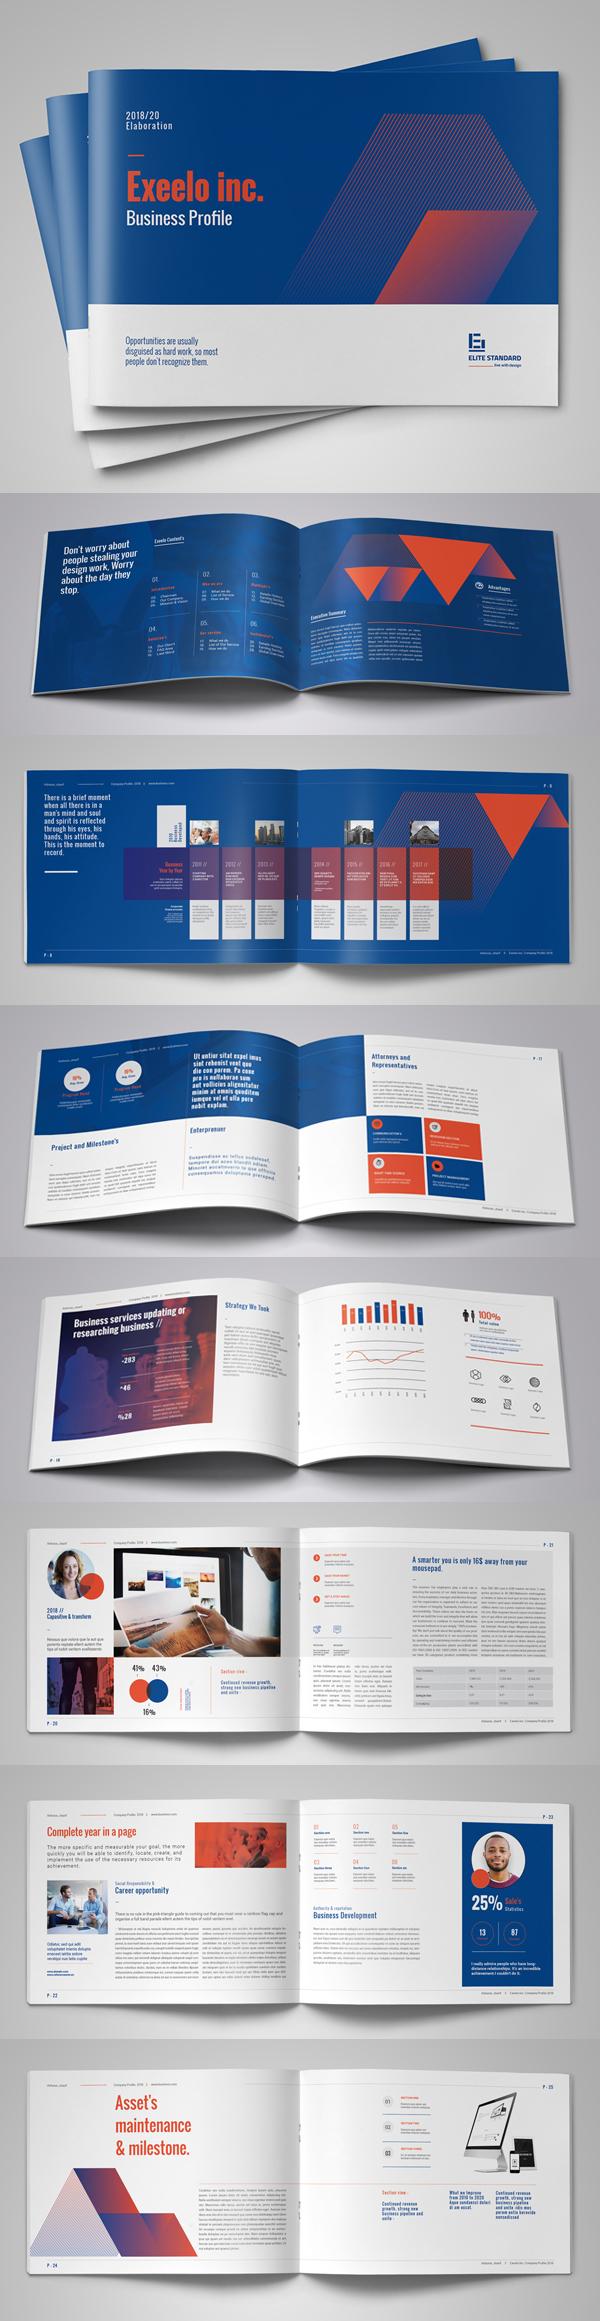 Creative Landscape Company Profile Brochure